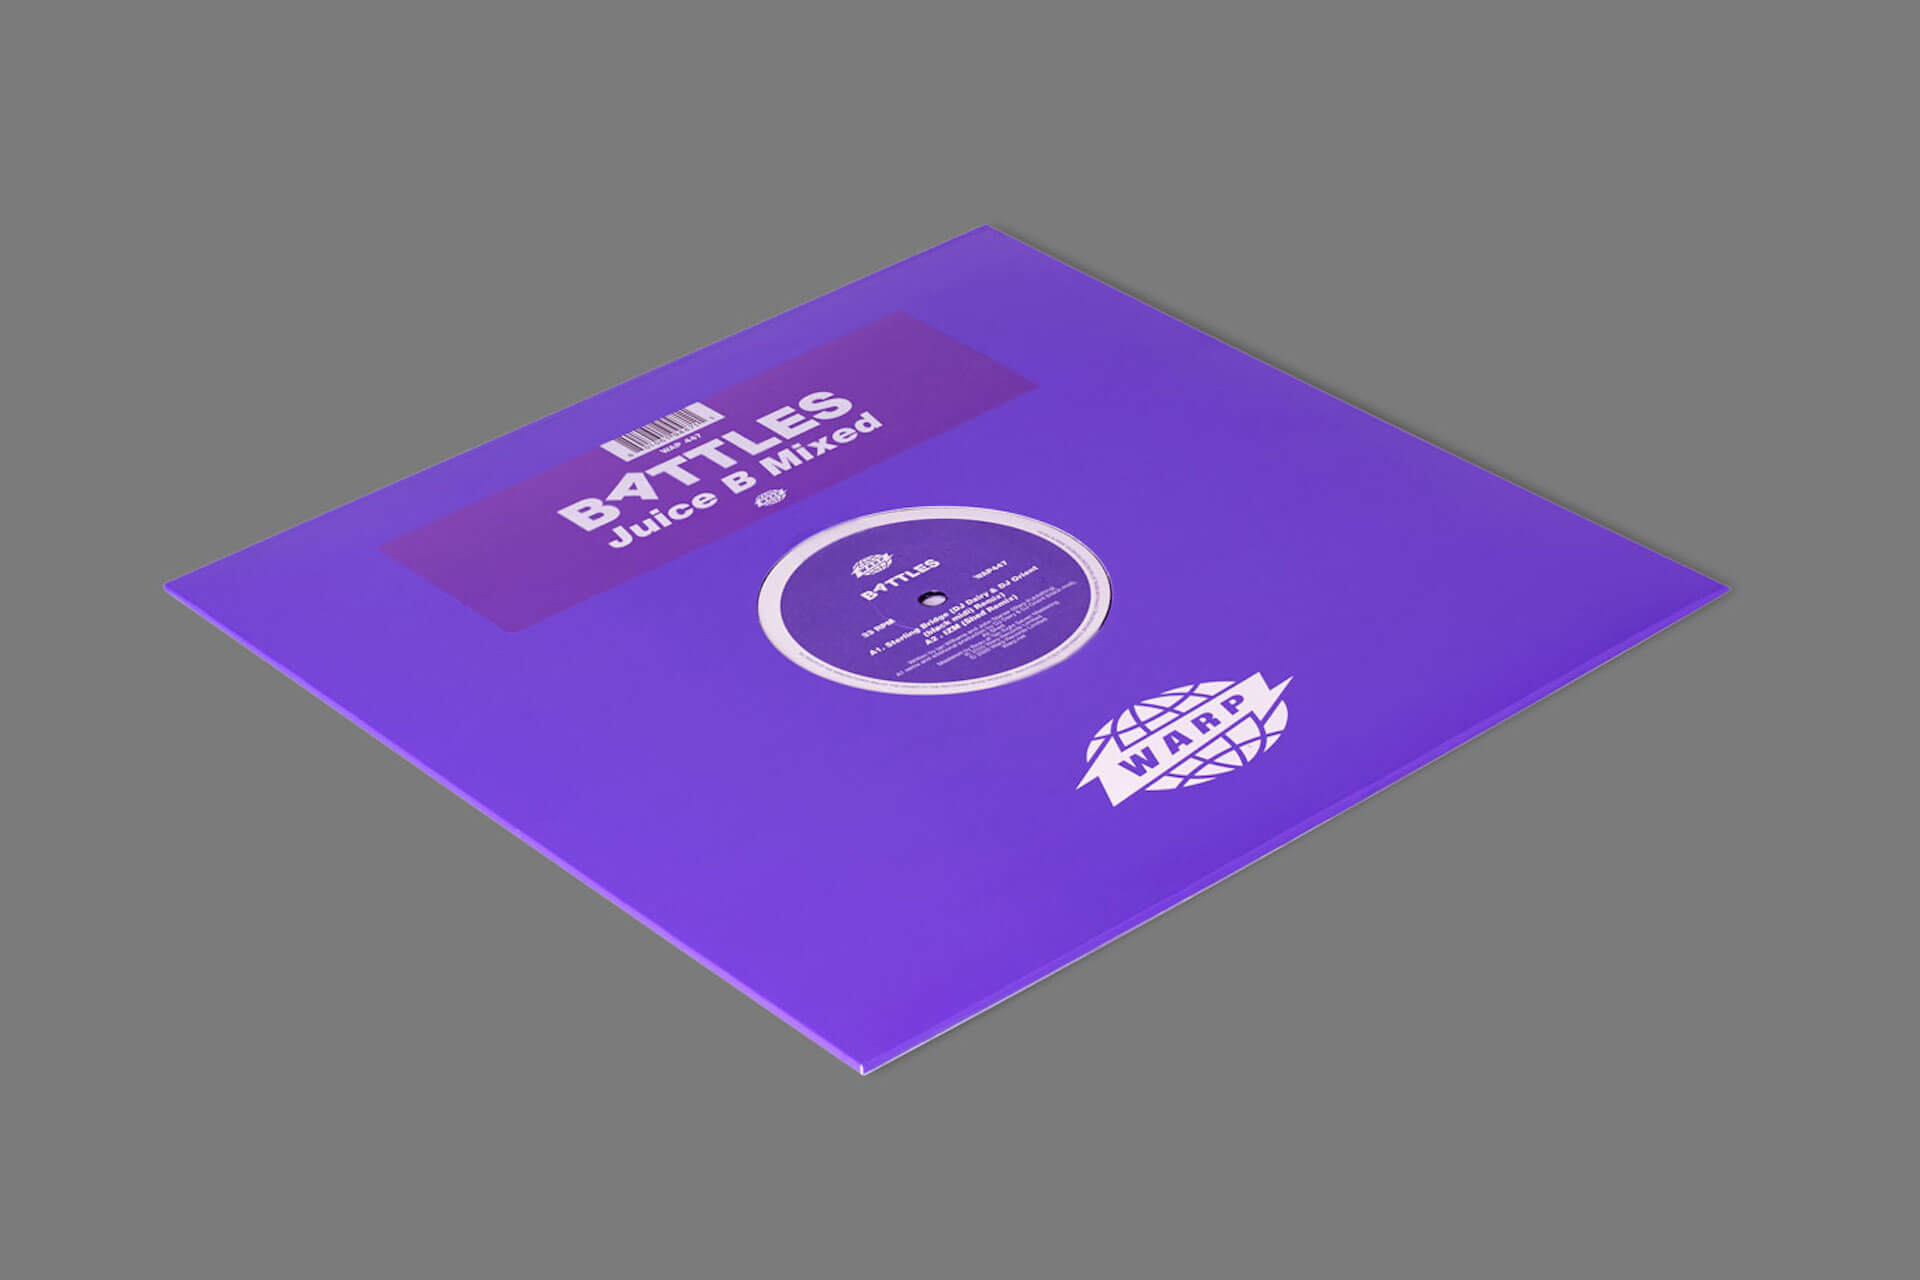 """Battles最新作『Juice B Crypts』のリミックスEP『Juice B Mixed』にblack midi、Shedら参加決定!black midiによるリミックス曲""""Stirling Bridge""""が先行解禁 music201007_battles_7"""